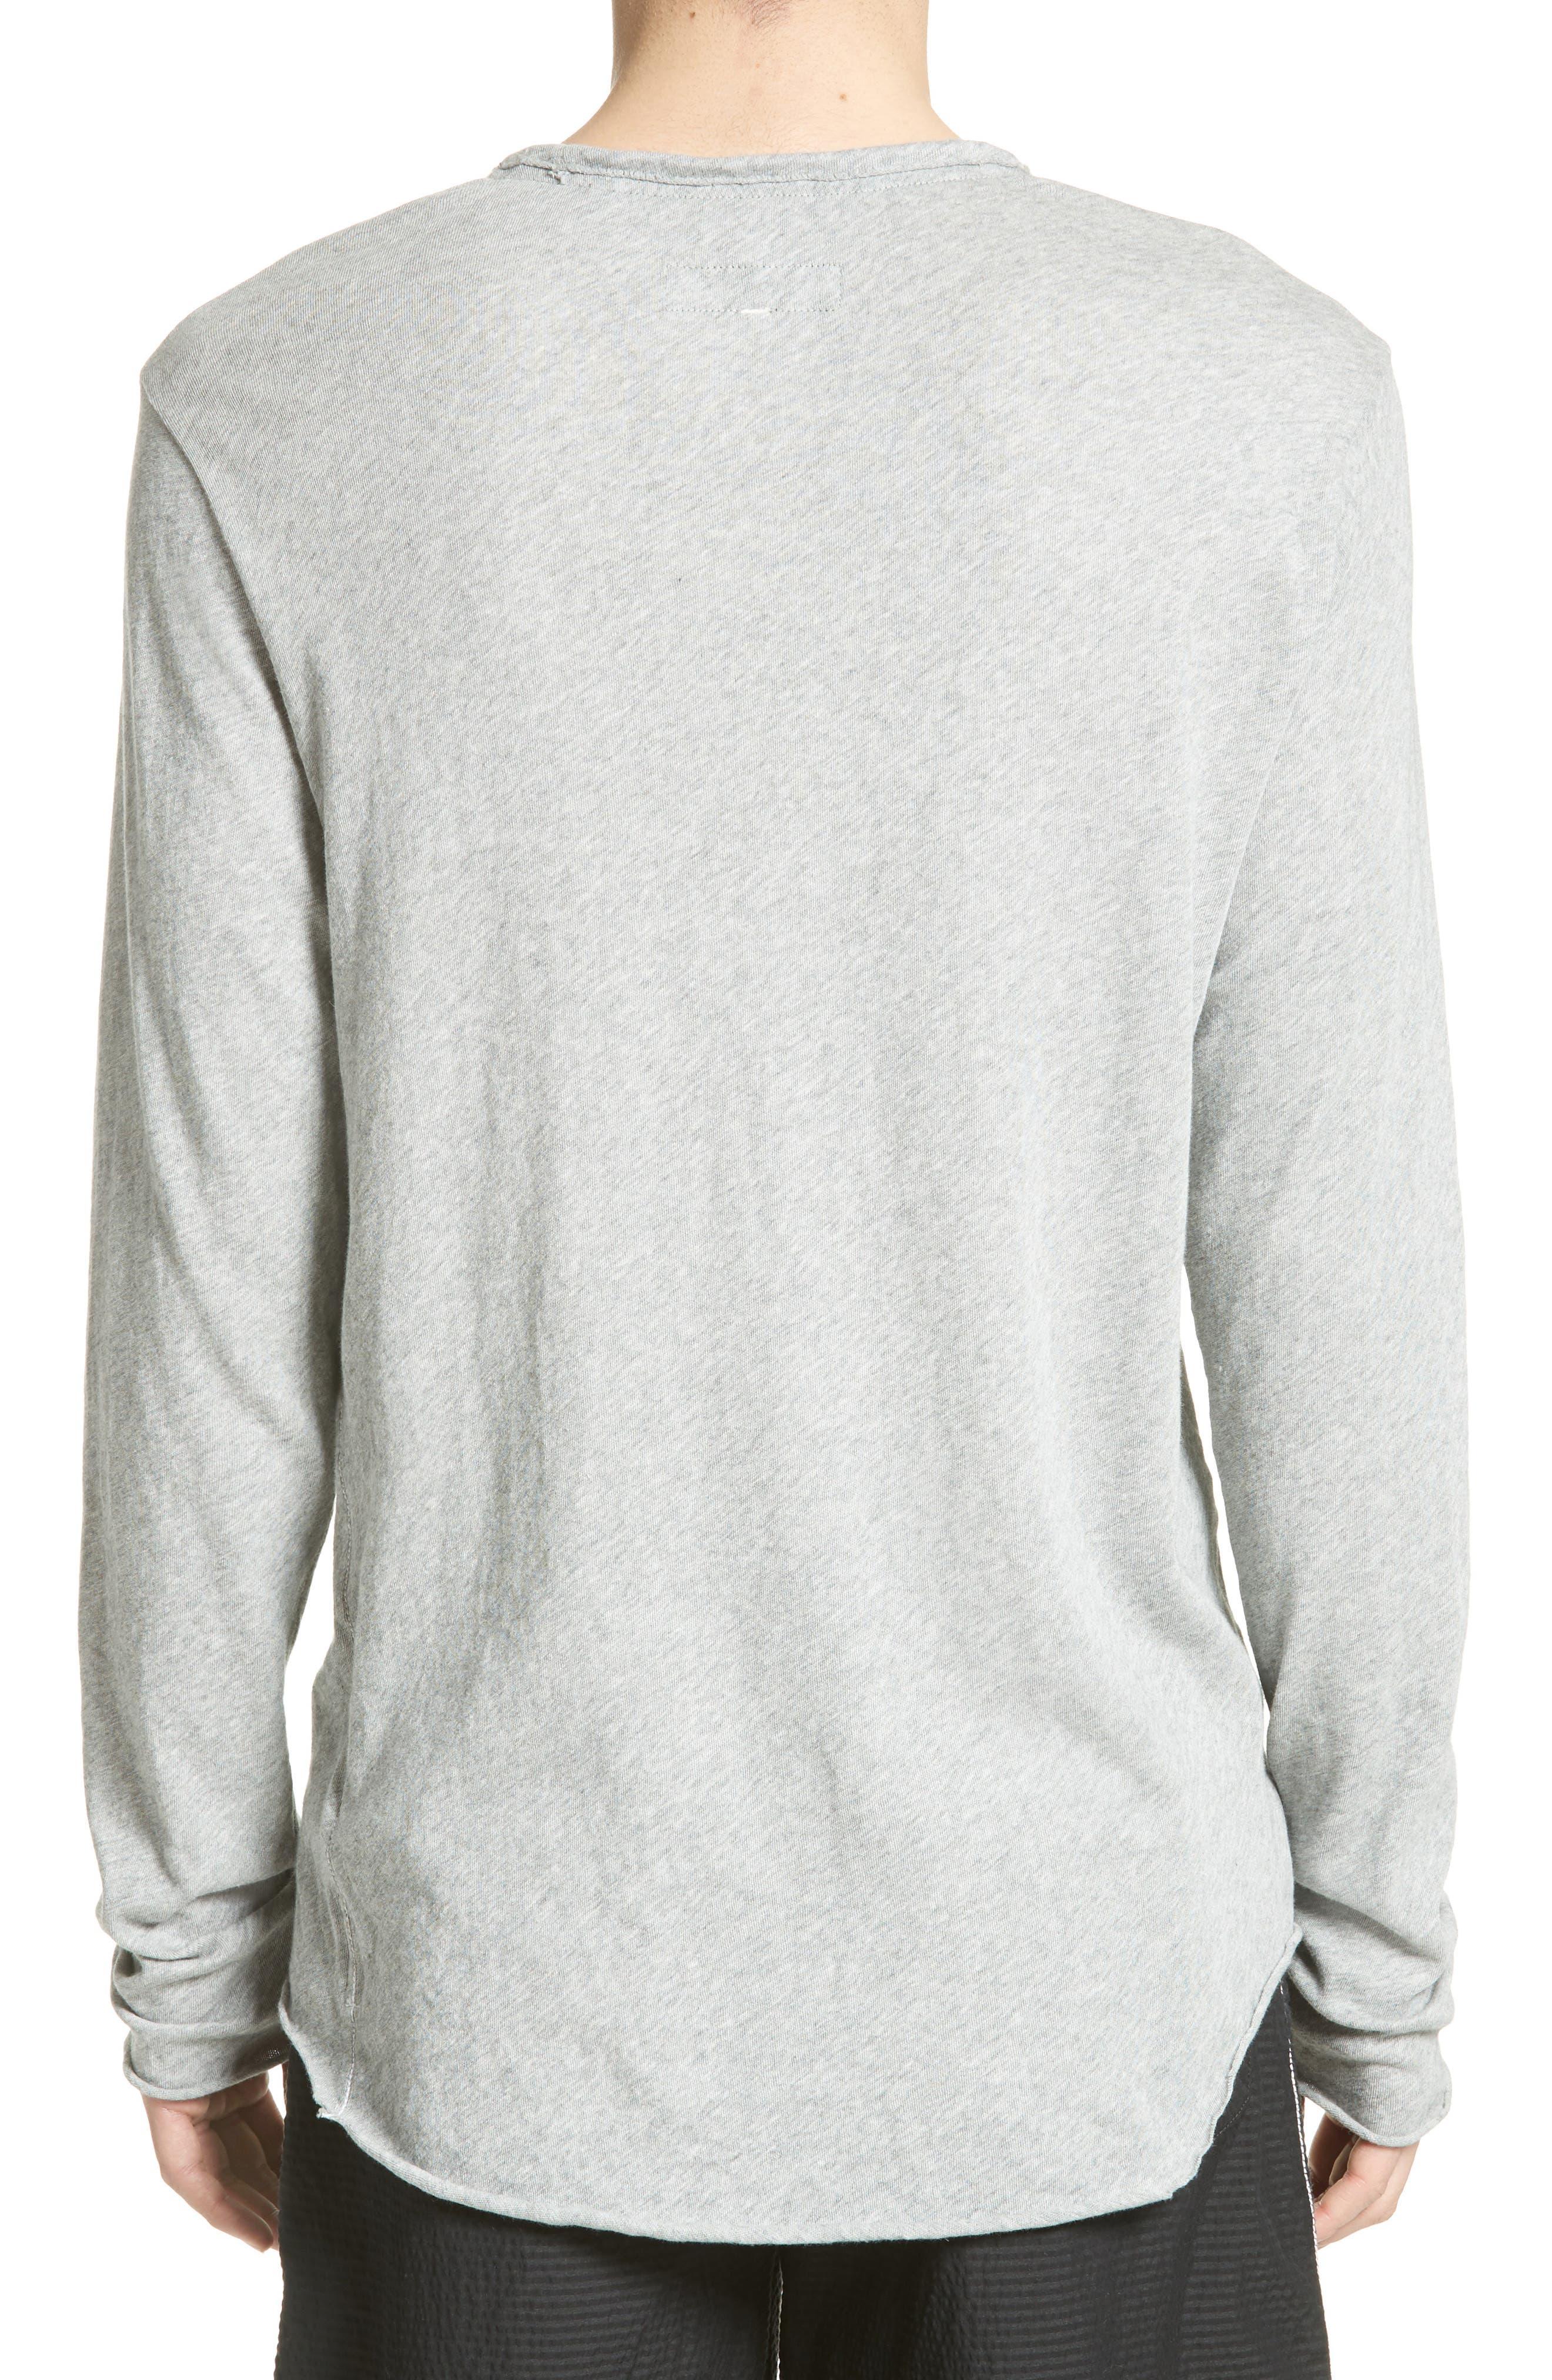 Hartley Cotton & Linen T-Shirt,                             Alternate thumbnail 2, color,                             034